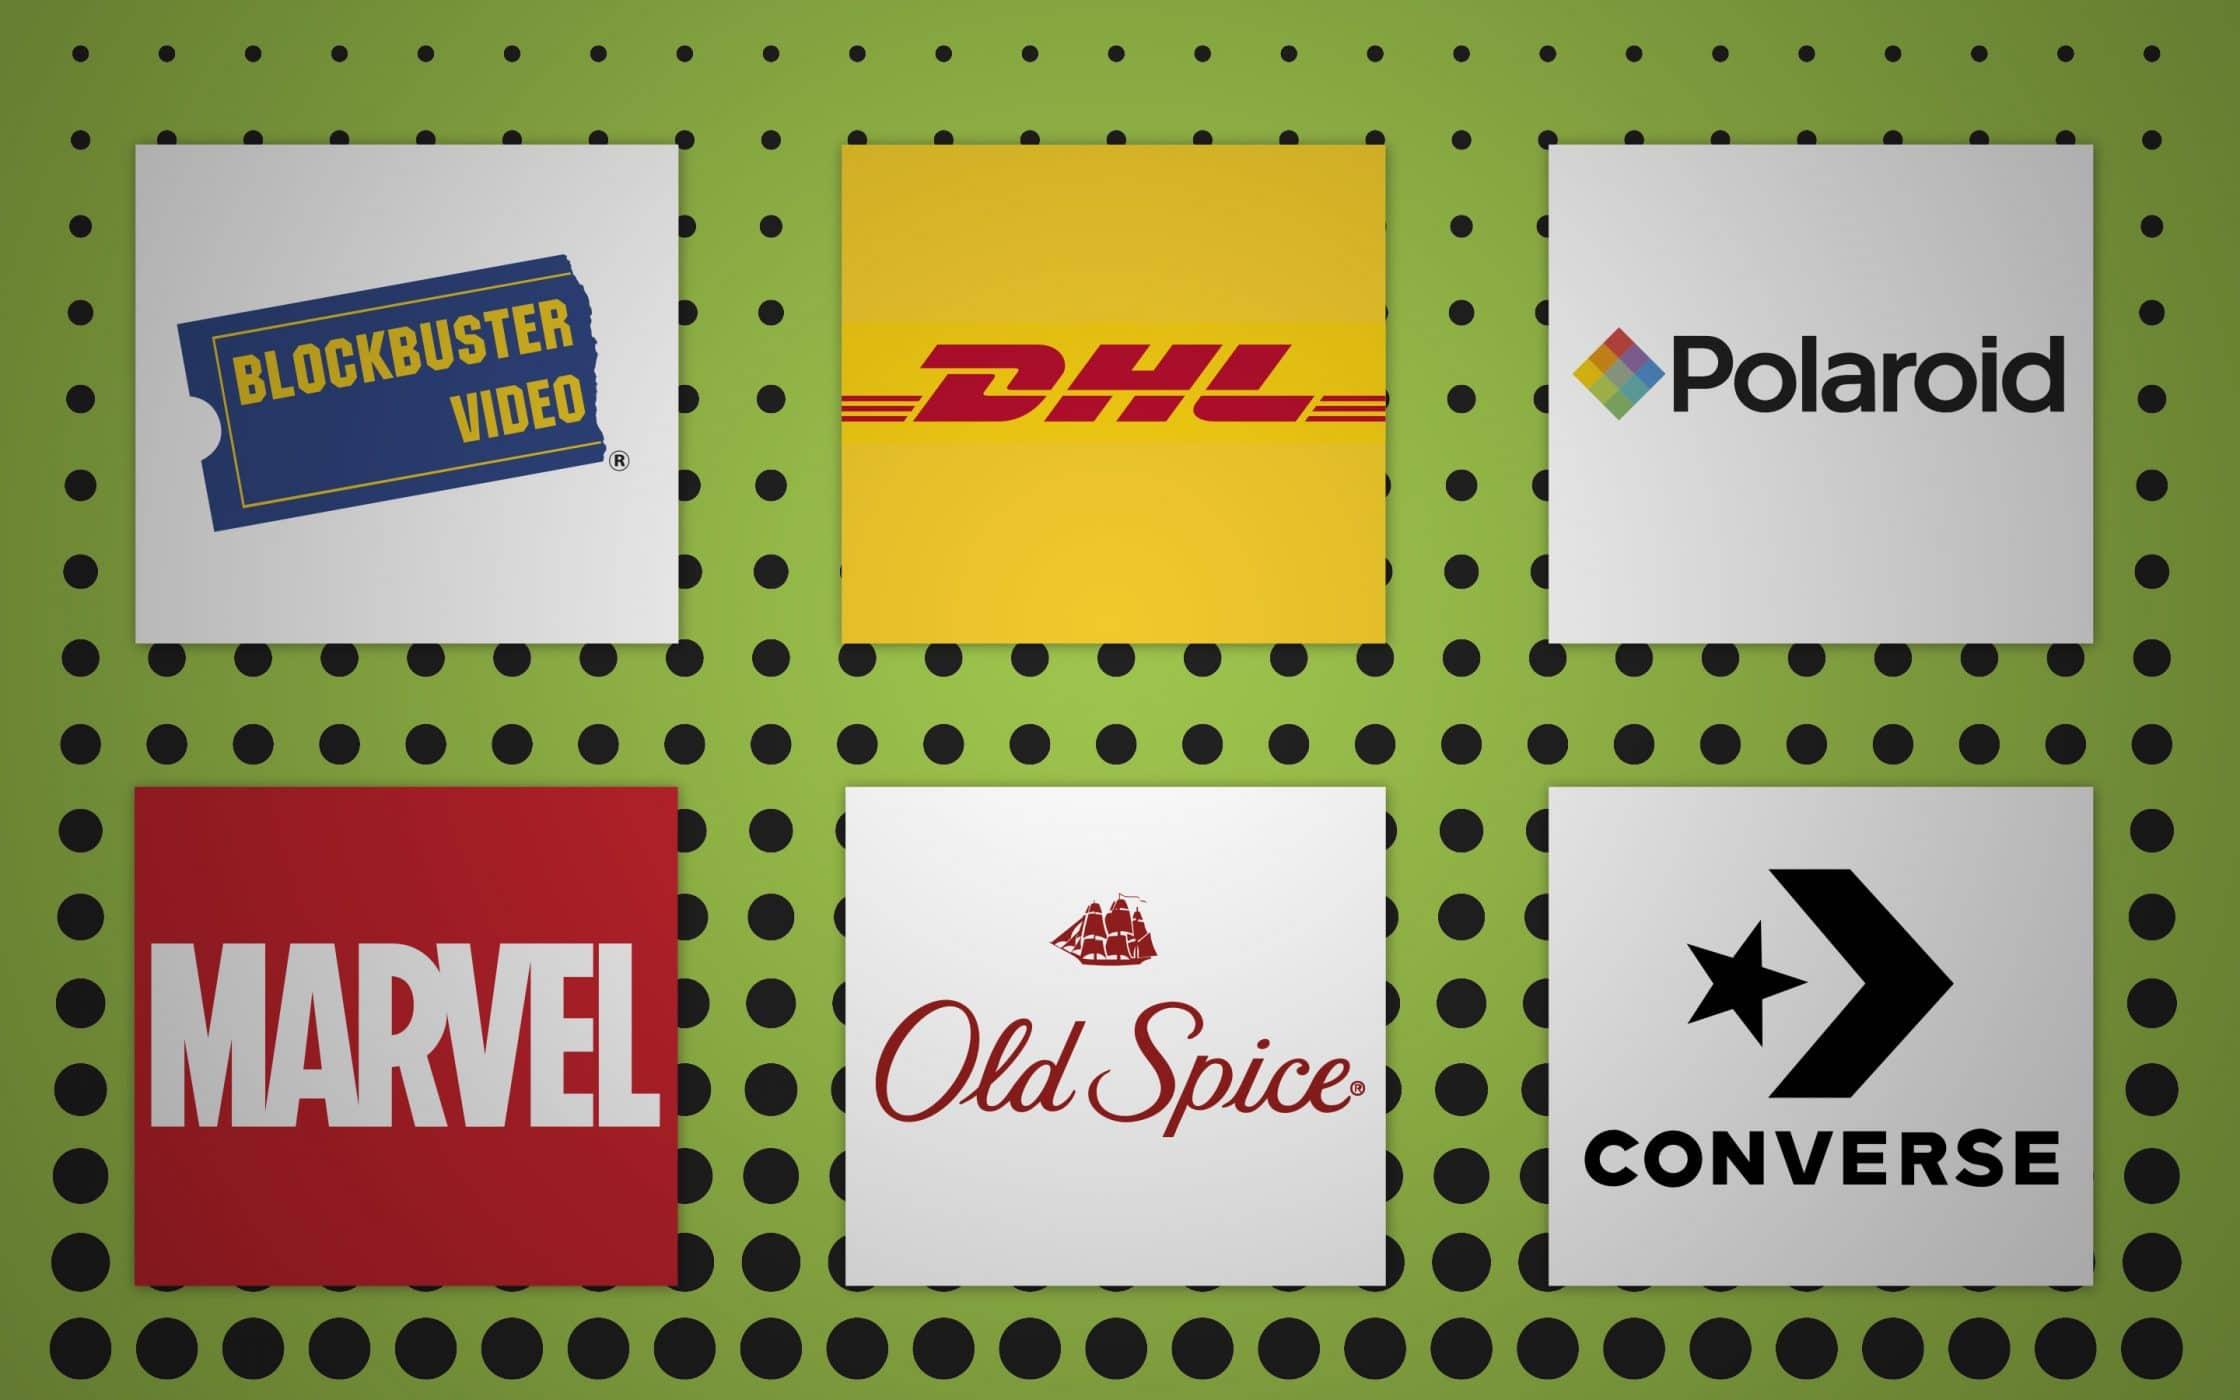 Dormant Brands